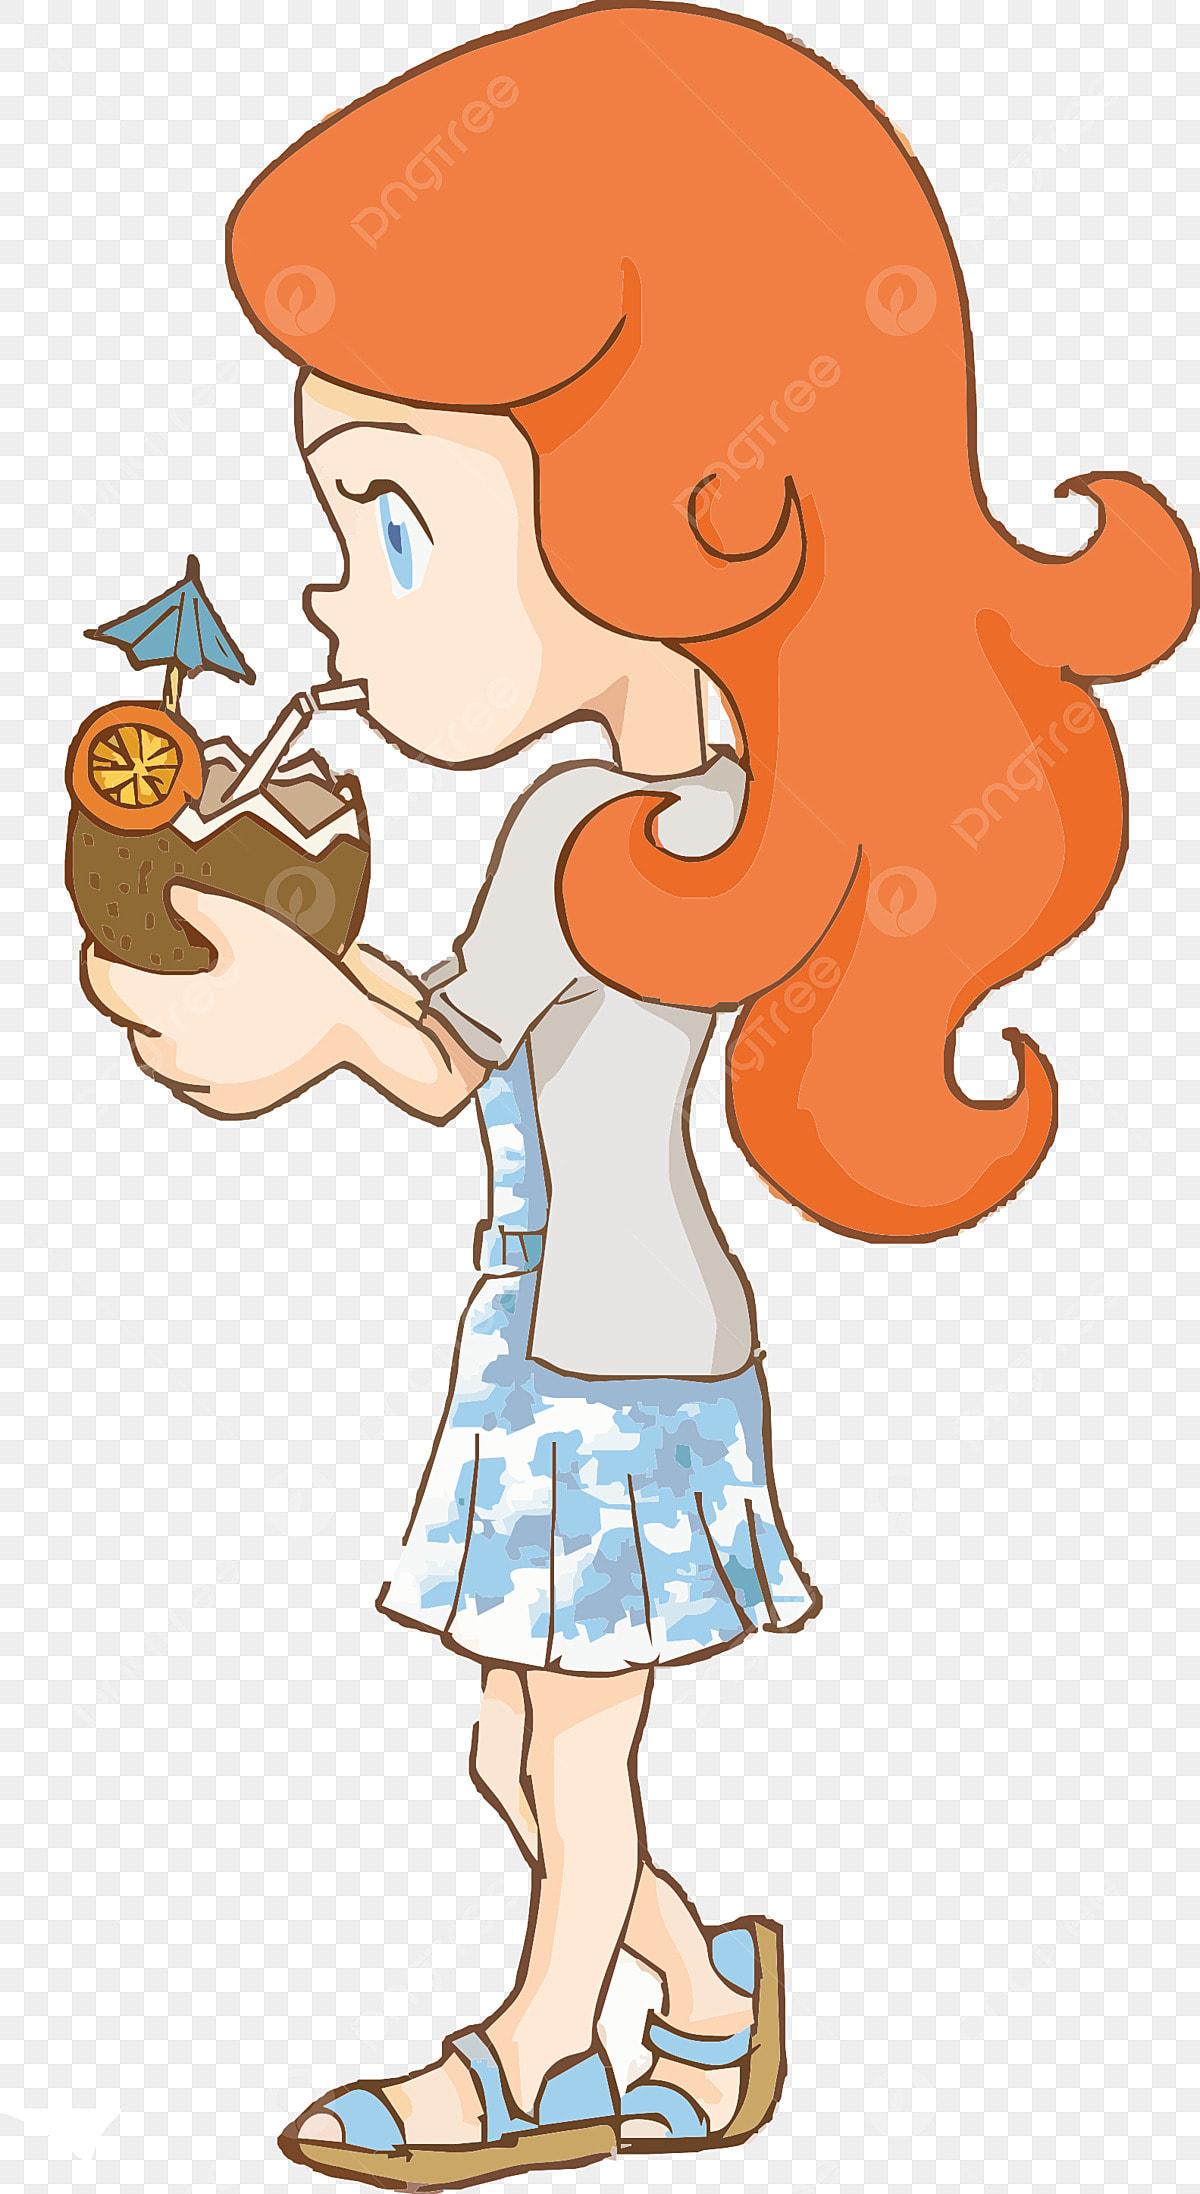 Estilo De Dibujos Animados Belleza Del Cabello Naranja Beber Jugo De Coco  Ojos Azules, Falda Larga, Belleza, Playa De Verano PNG Imagen para Descarga  Gratuita | Pngtree